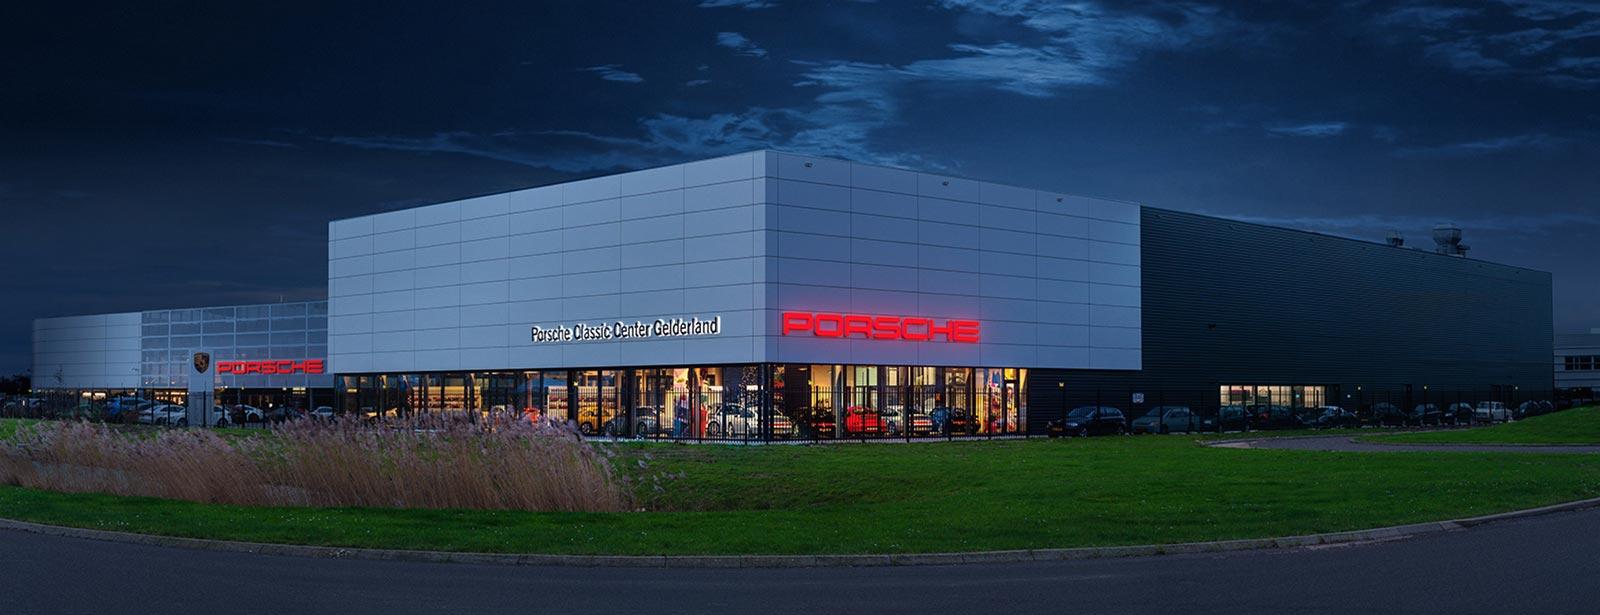 Welkom bij Porsche Classic Center Gelderland. -